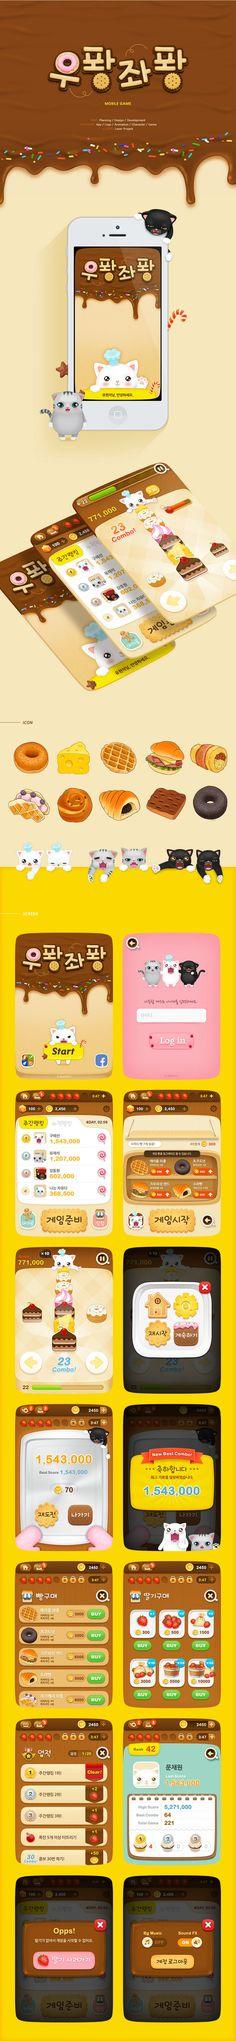 FhangFhang App  GAME...